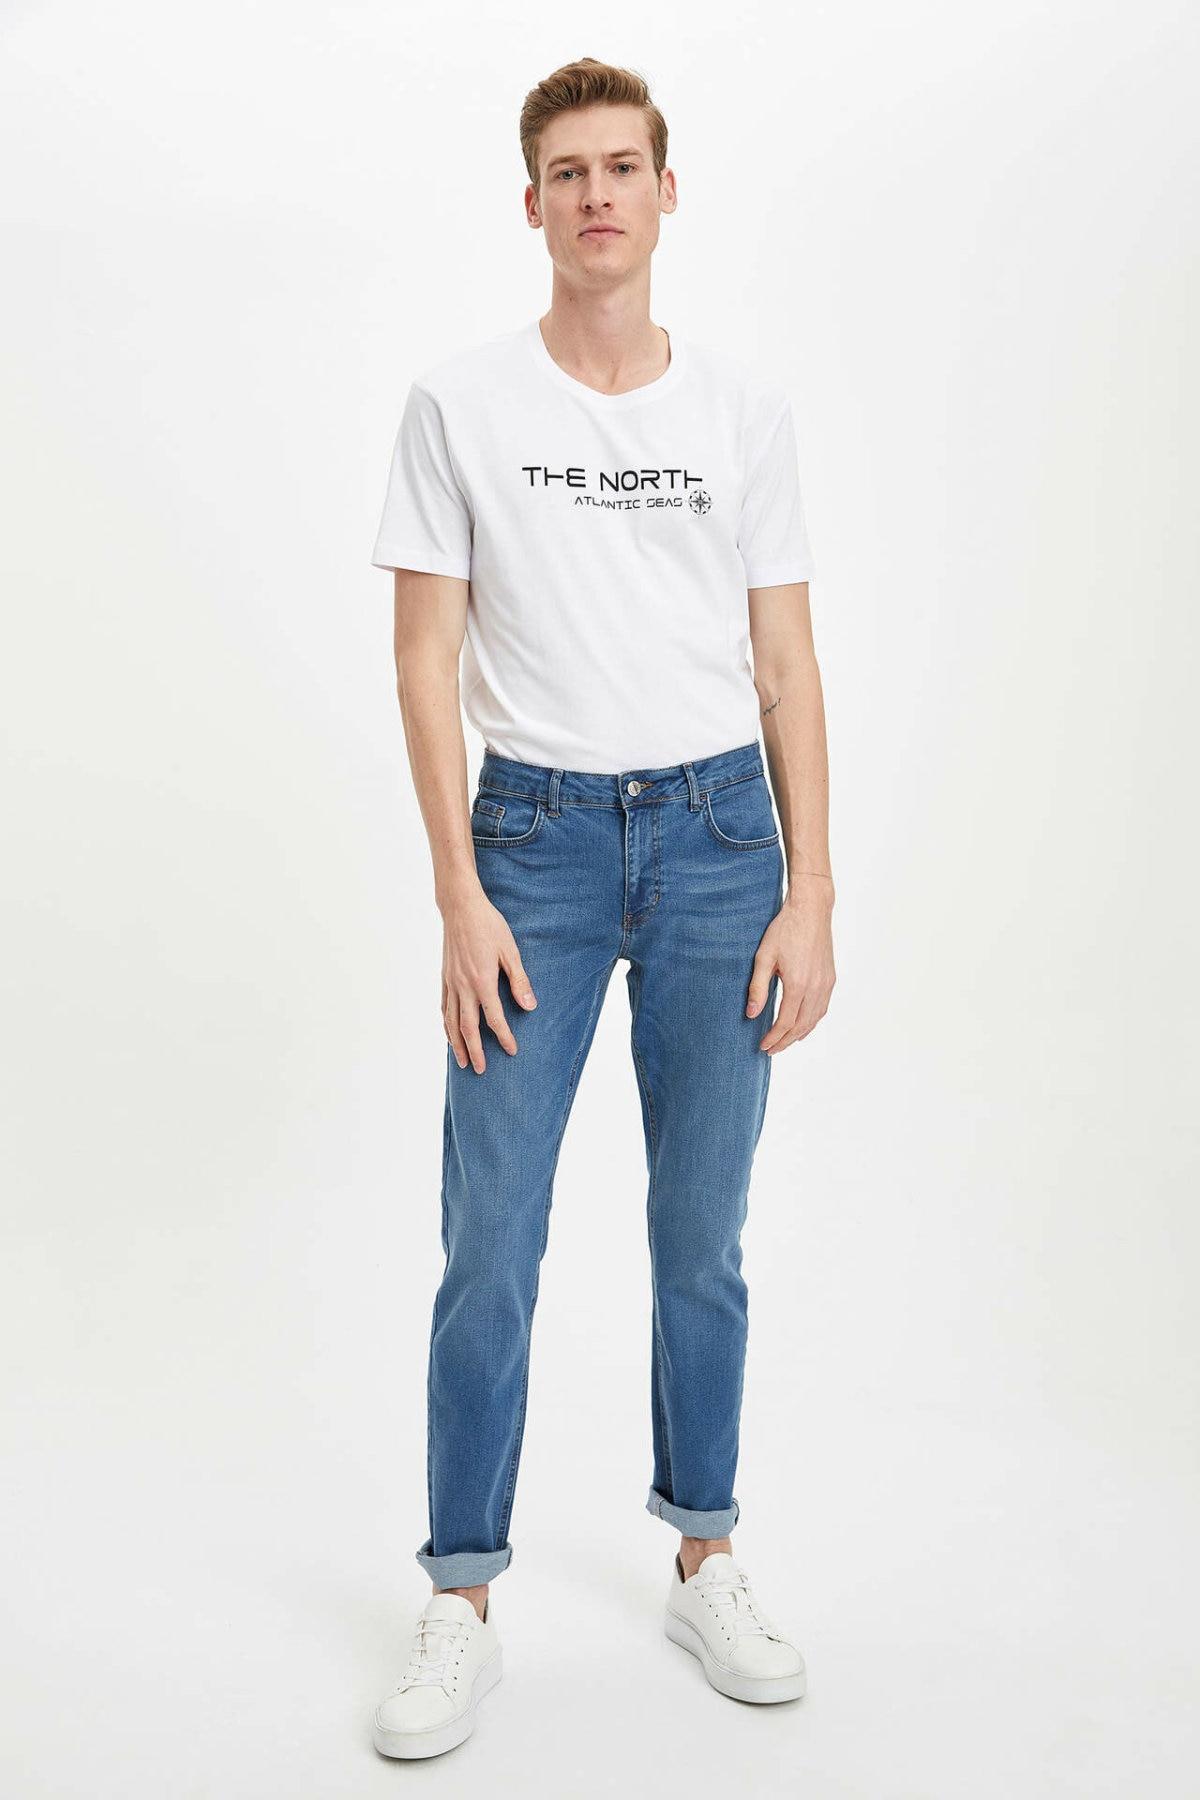 Pantalones Vaqueros Azules Defaw Para Hombre Pantalones Vaqueros Rectos Para Hombre Pantalones Vaqueros Informales Para Hombre Pantalones Vaqueros Para Hombre Trousers R2525az20sm Para Hombre Aliexpress